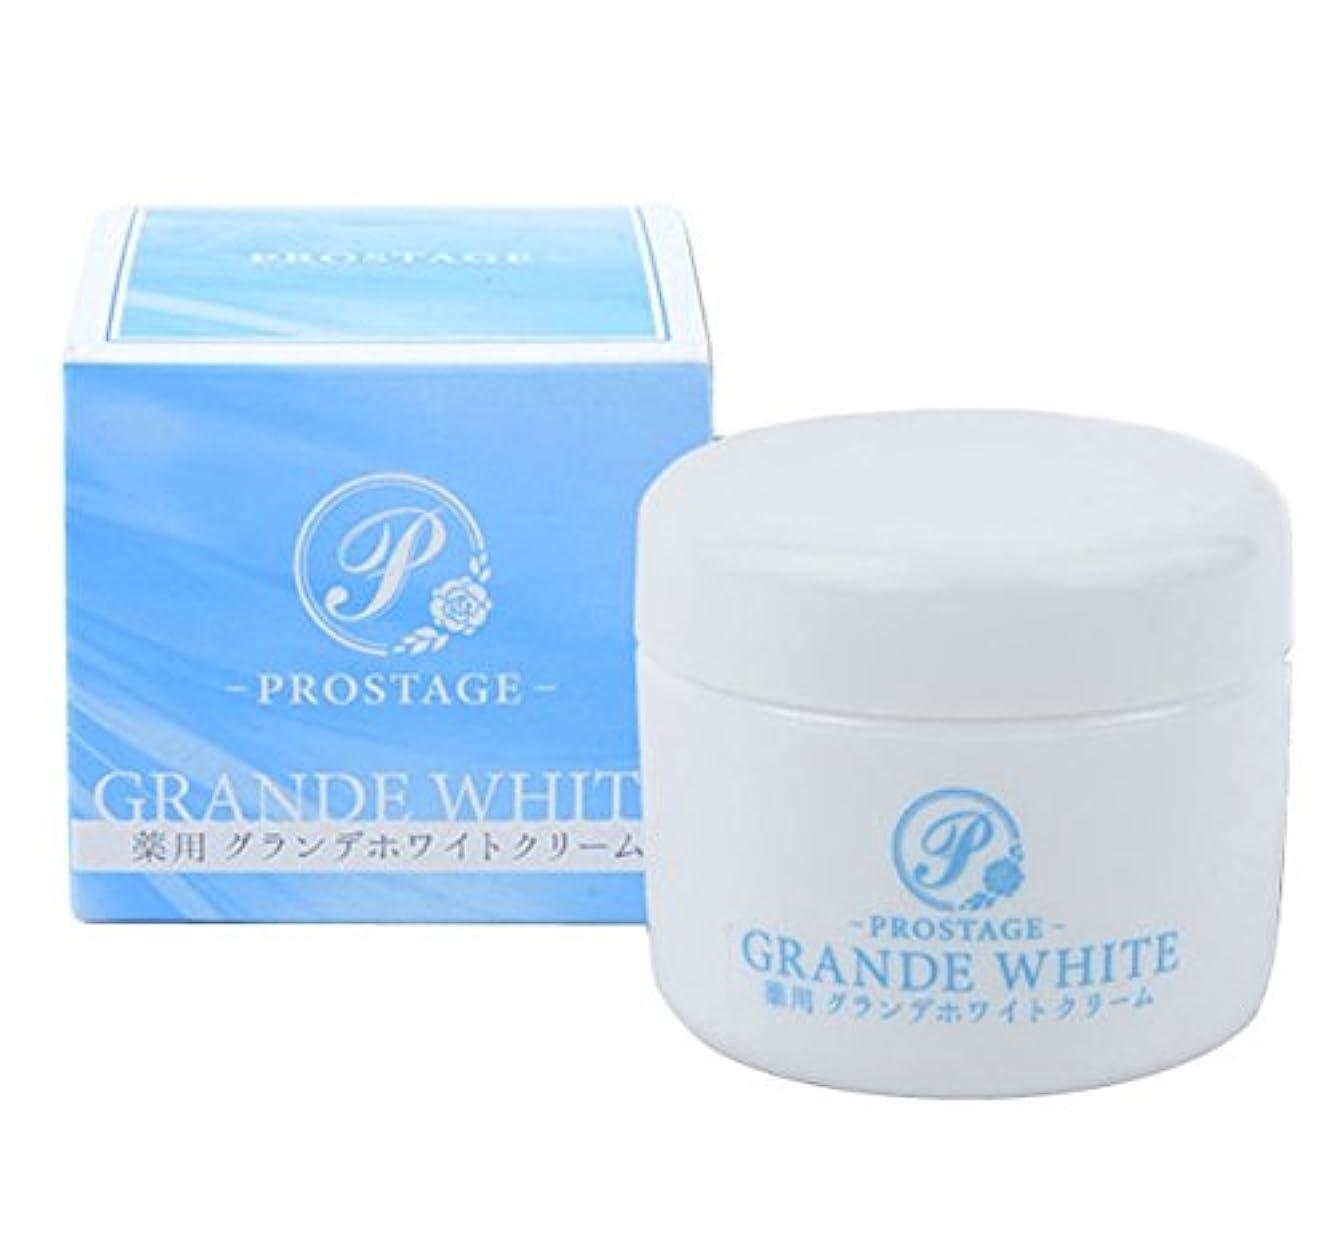 技術者作曲家近代化薬用グランデホワイトクリーム PROSTAGE ホワイトニングクリーム 大容量80g (2個)